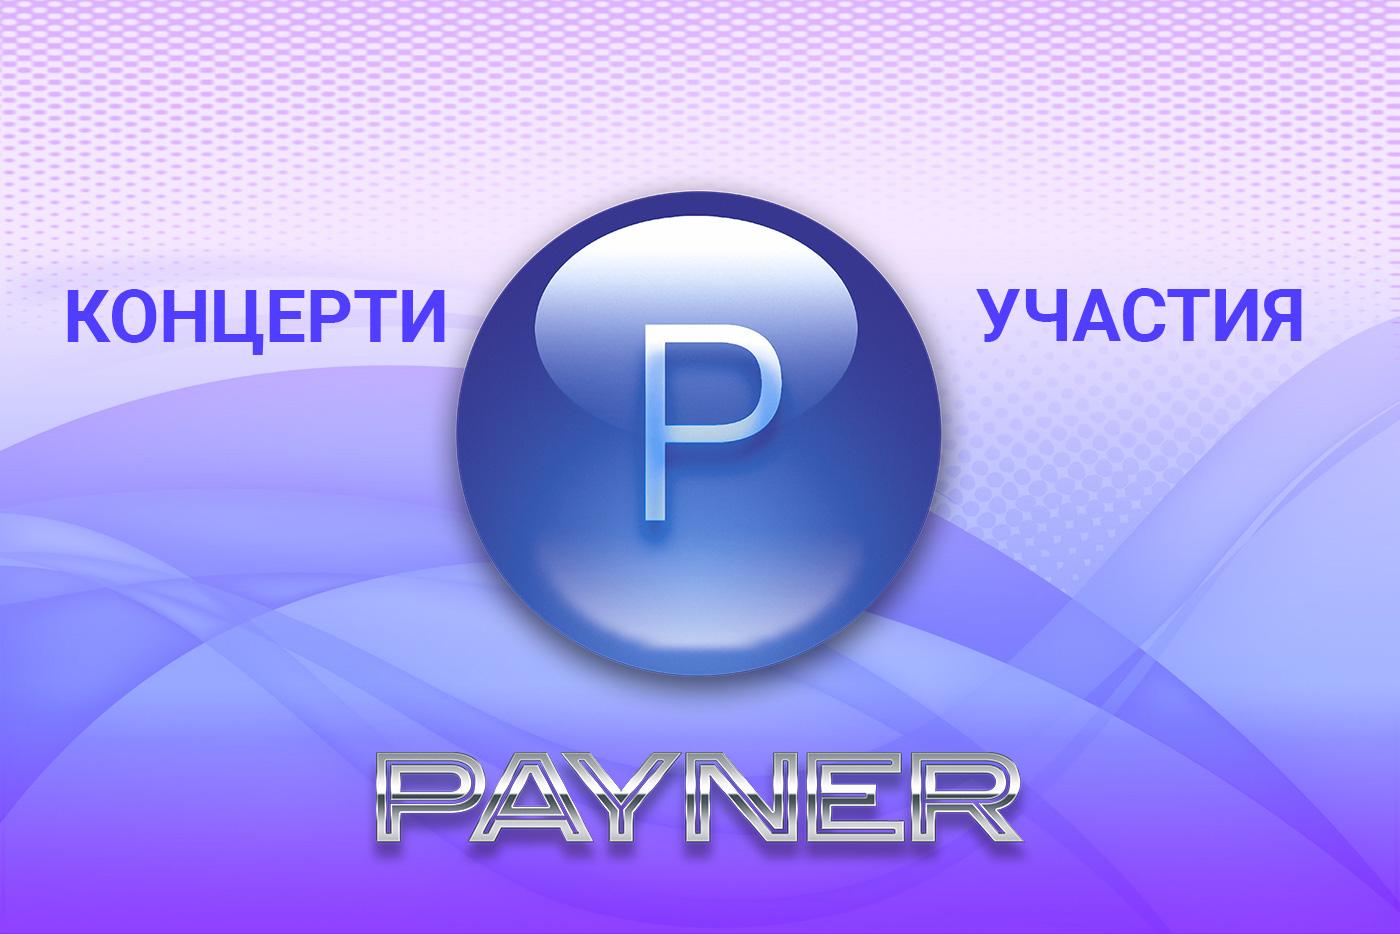 """Участия на звездите на """"Пайнер"""" на 07.11.2018"""